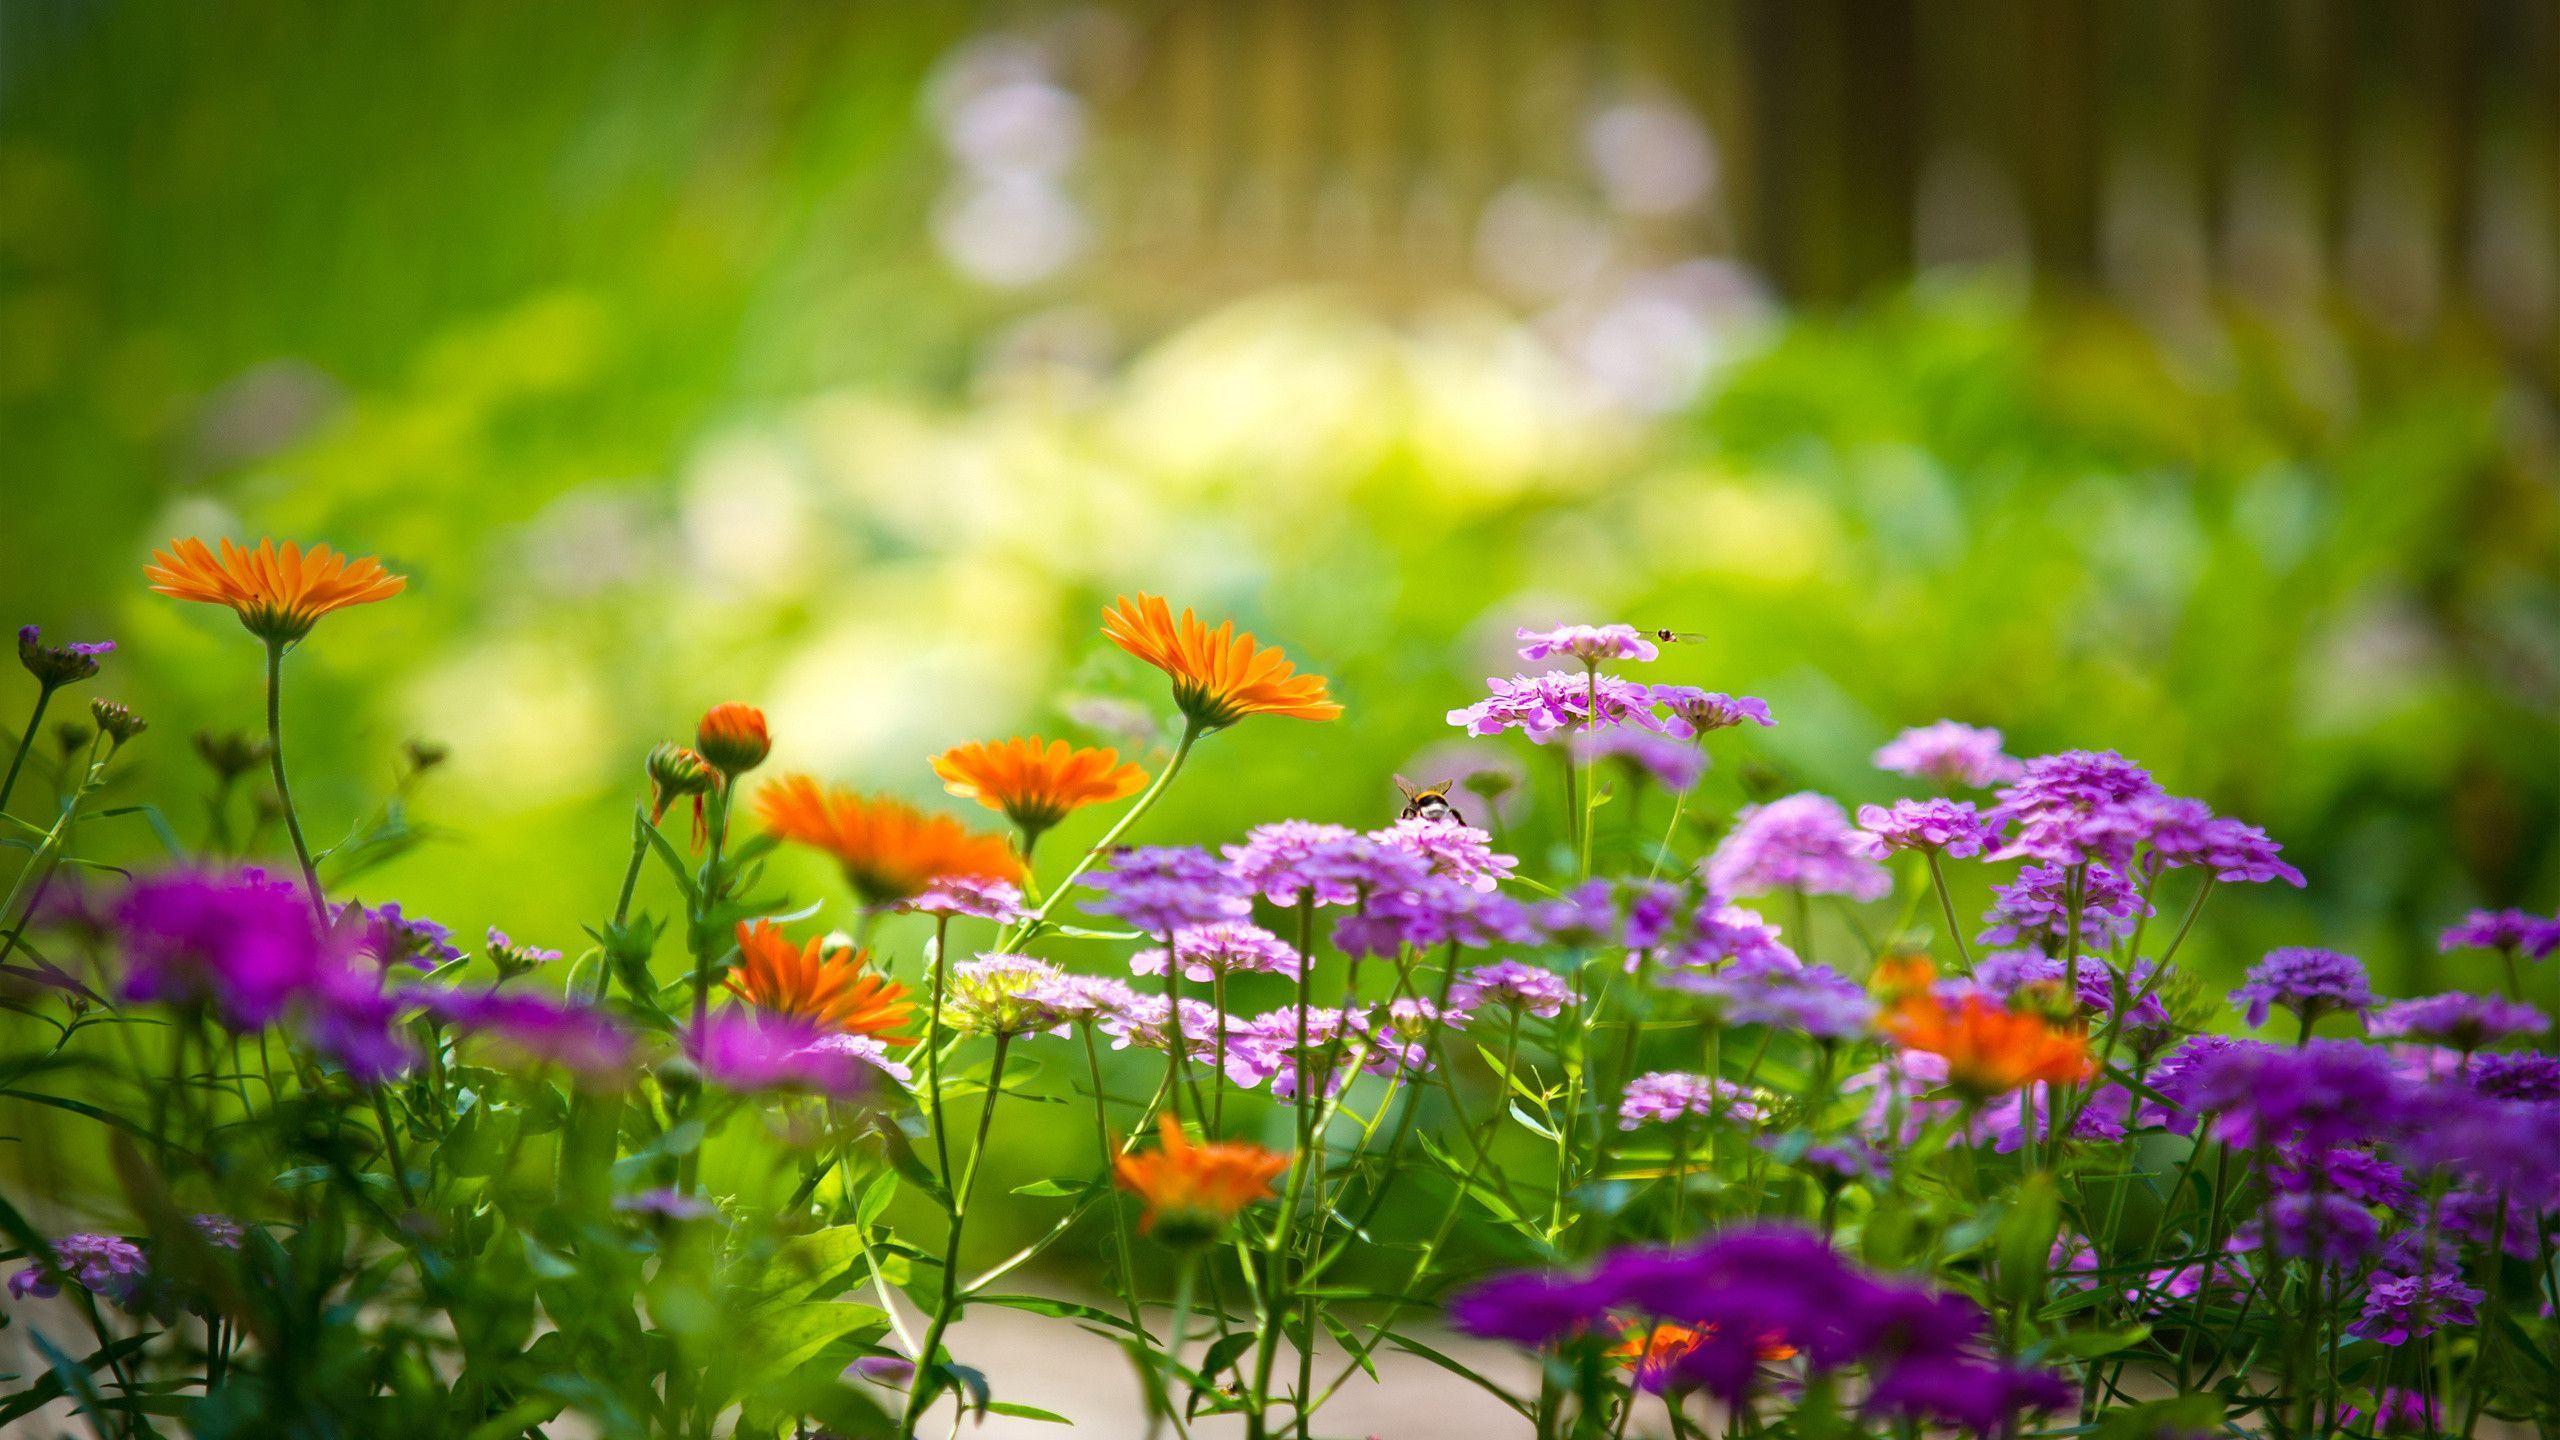 HD Flower Garden Wallpaper 19201080 Flower Garden Backgrounds 48 2560x1440